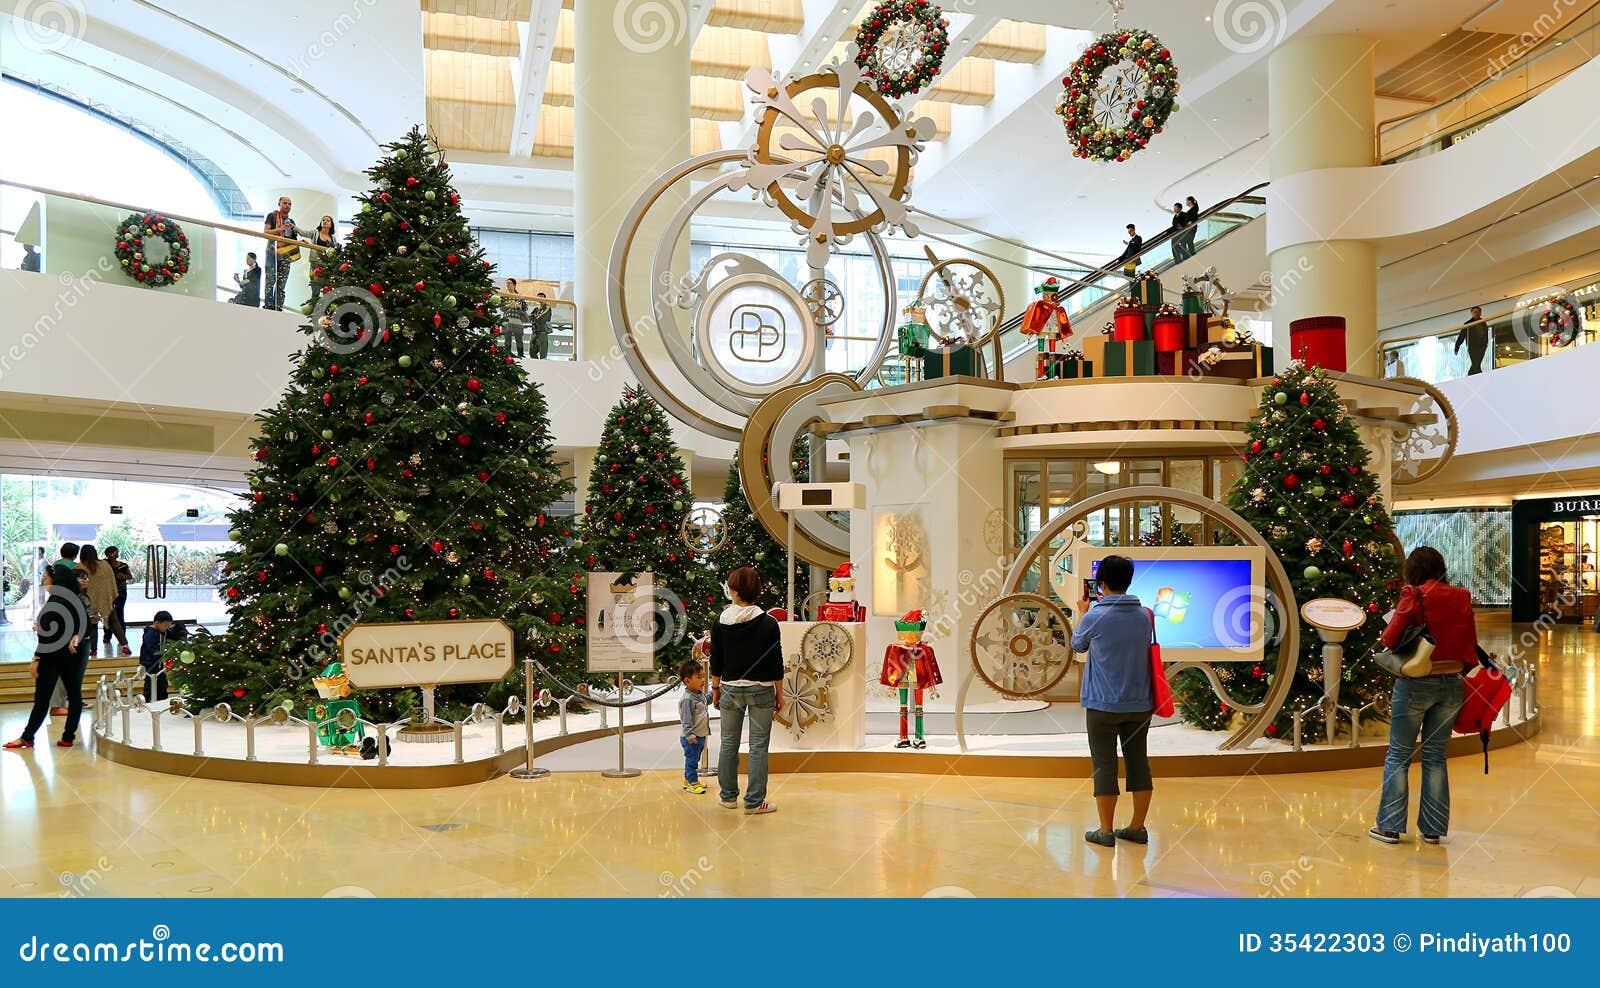 #713818 Décoration De Noël Dans Le Centre Commercial Photo Stock  5363 decorations de noel centre commercial 1300x820 px @ aertt.com